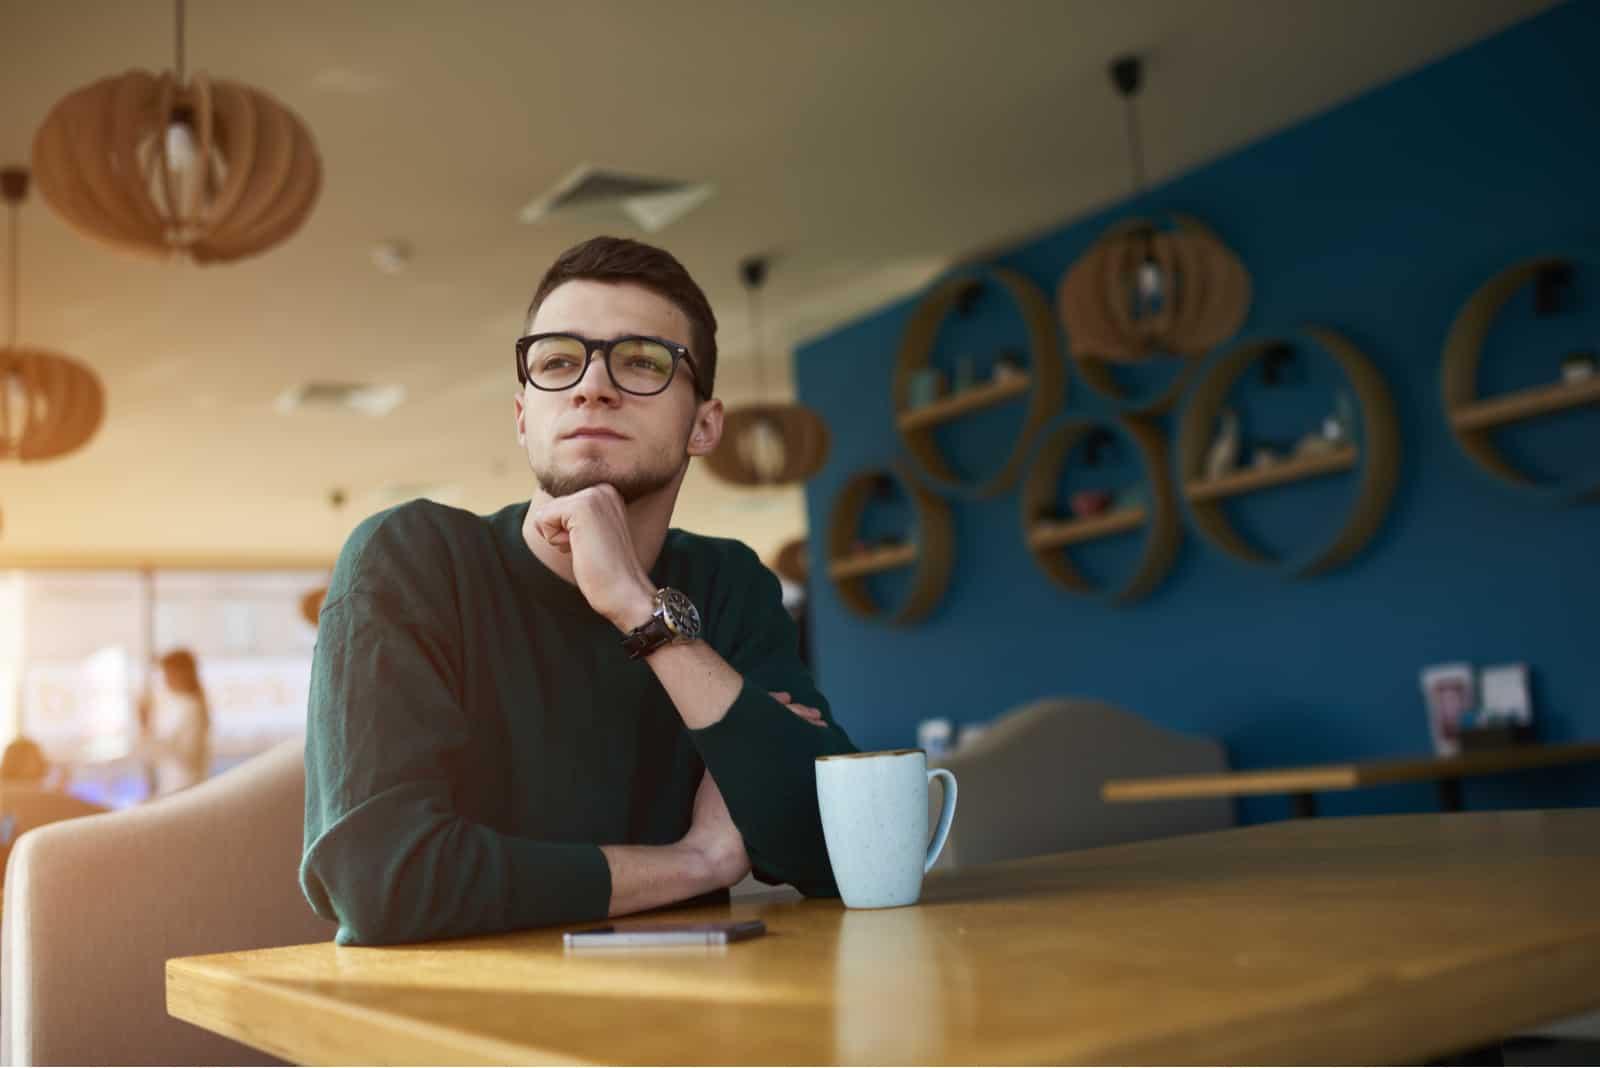 un homme imaginaire assis dans un café à une table